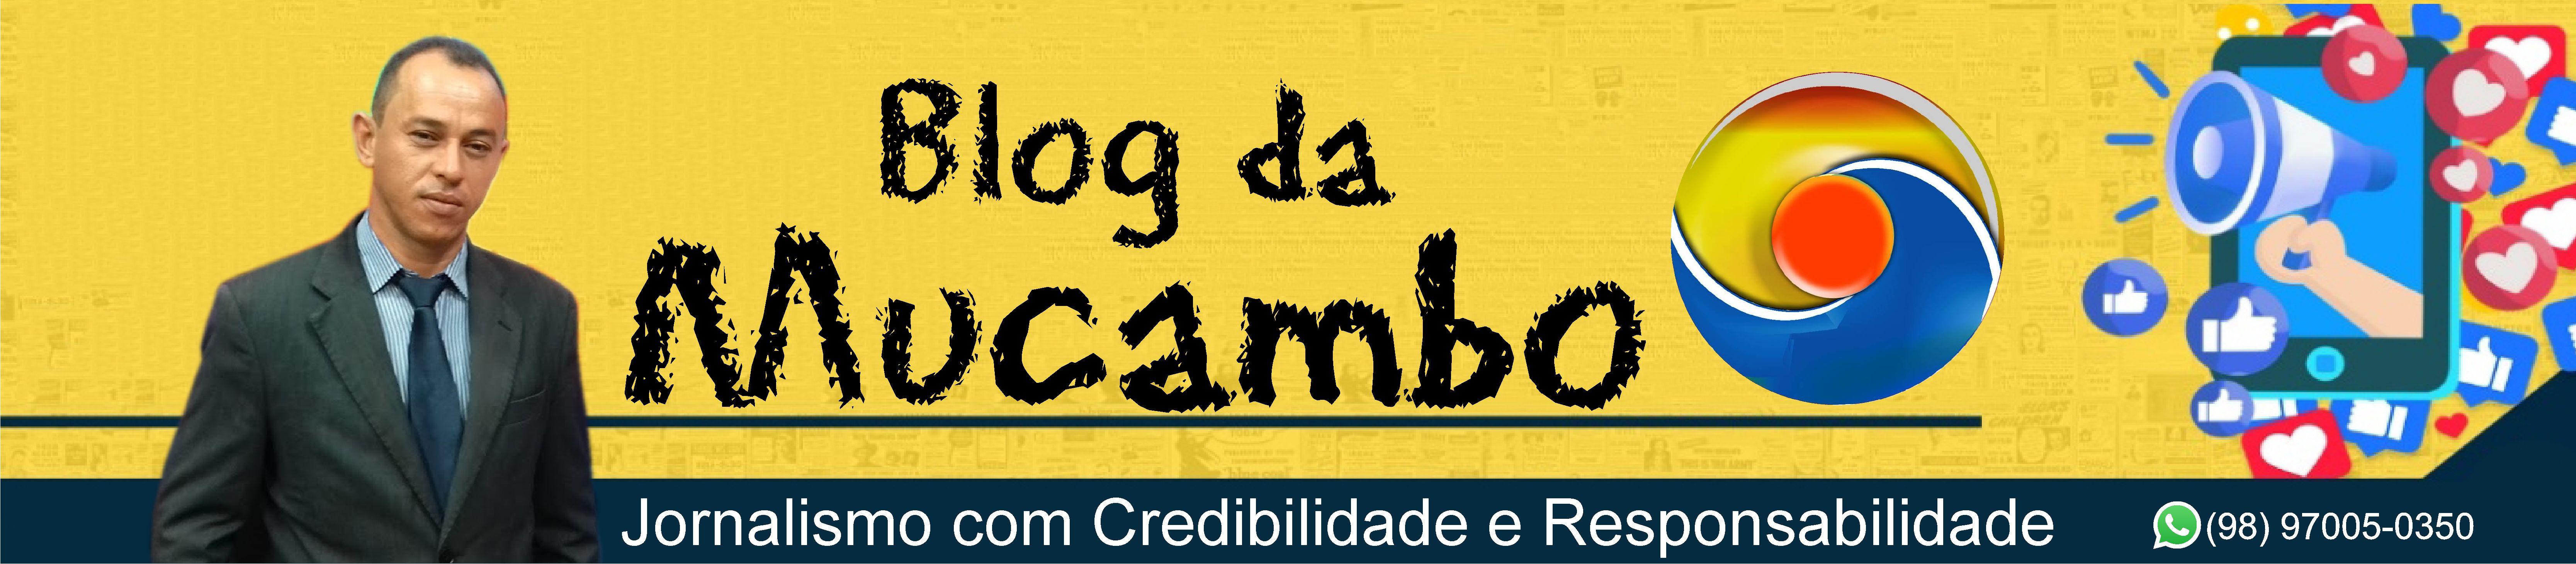 Blog da Mucambo